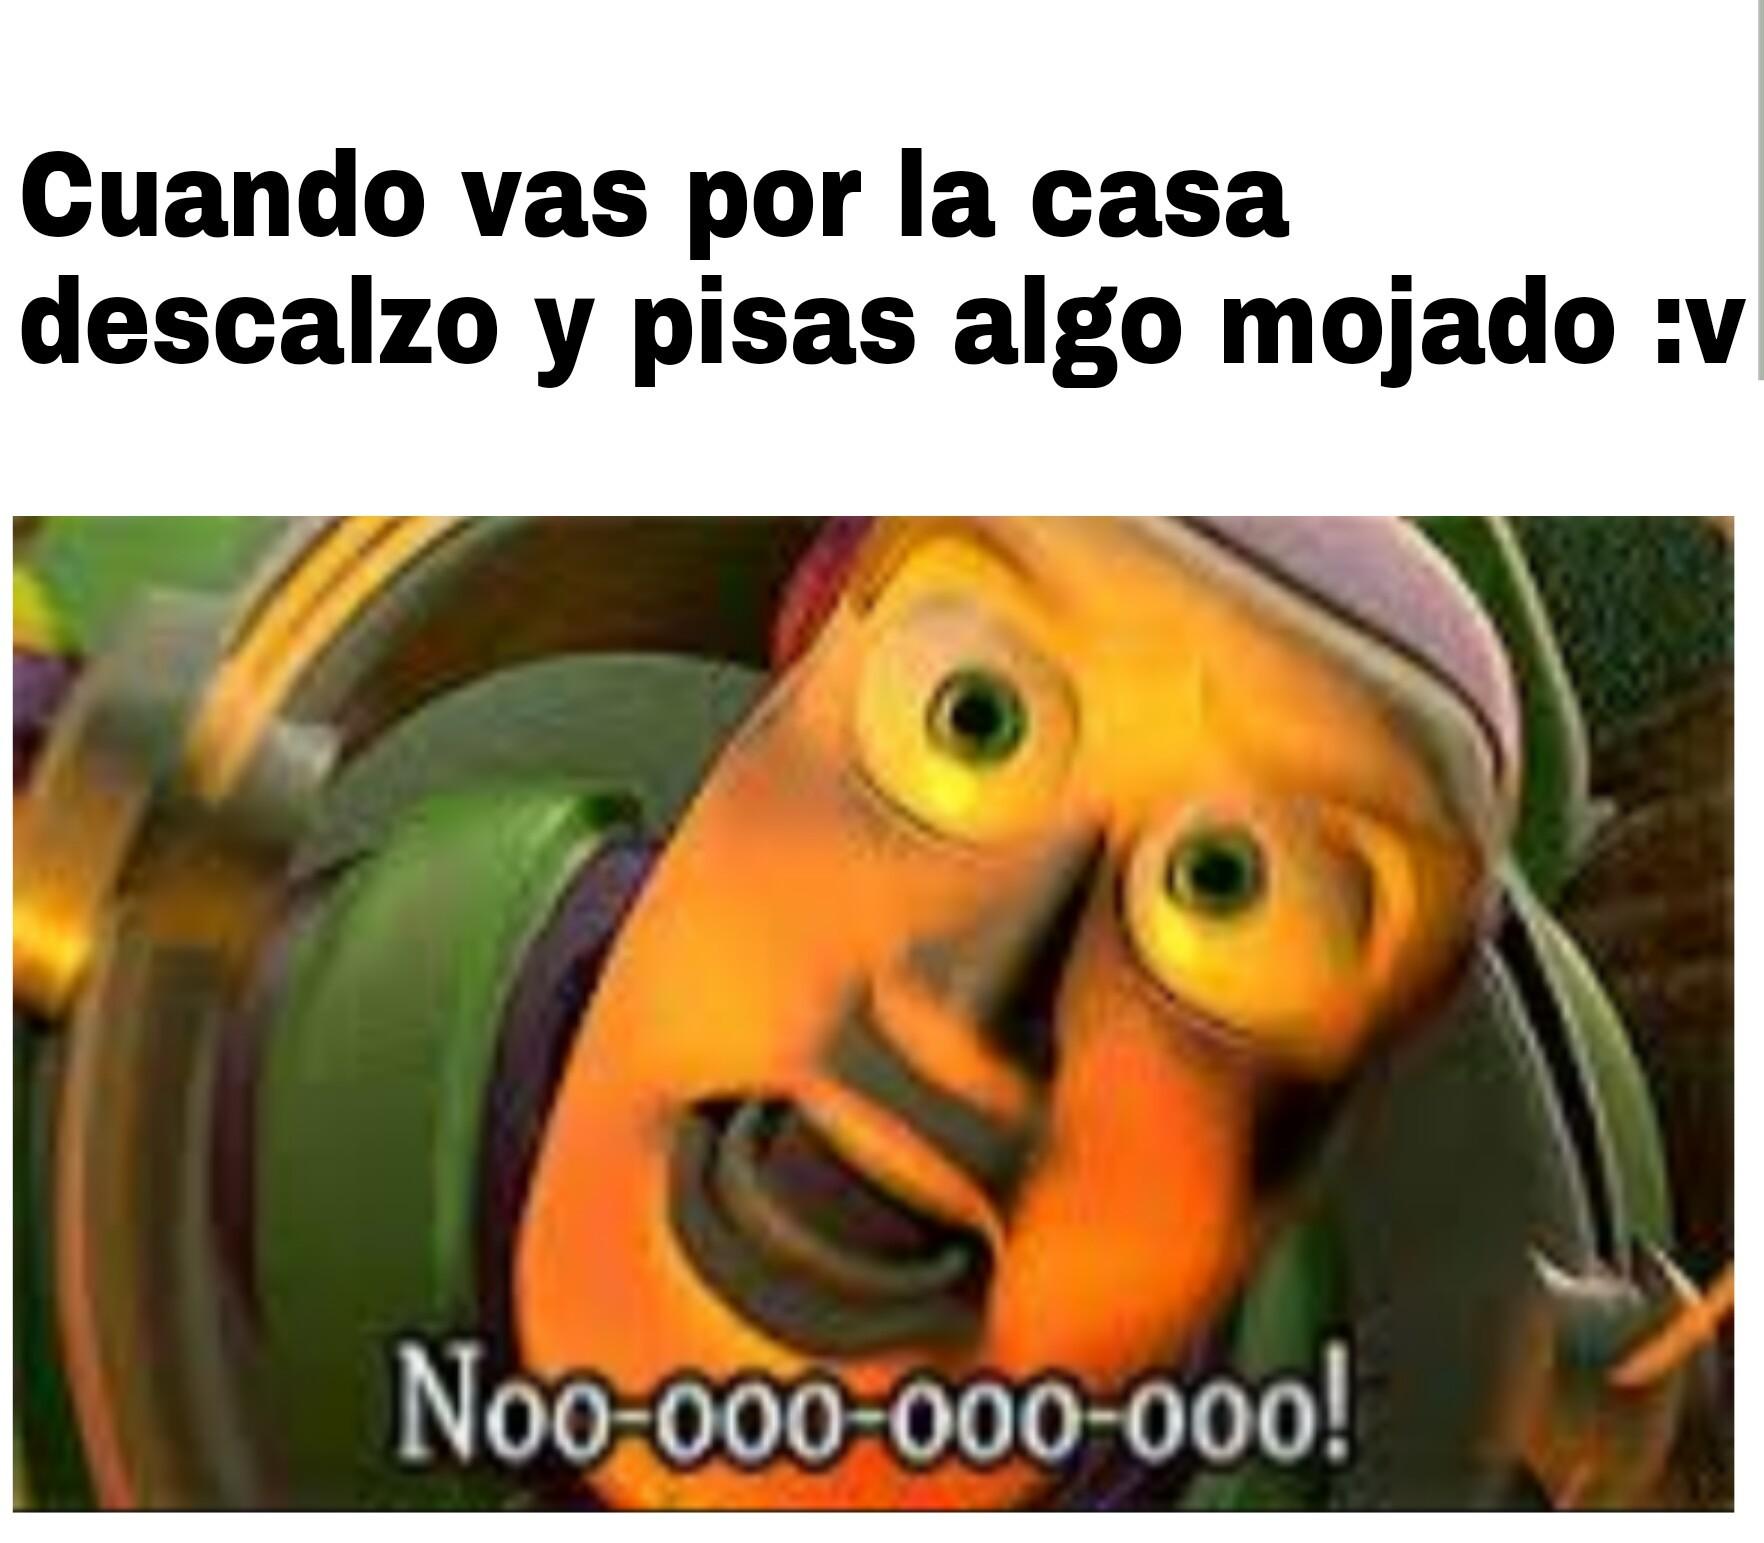 Nooooo!! - meme